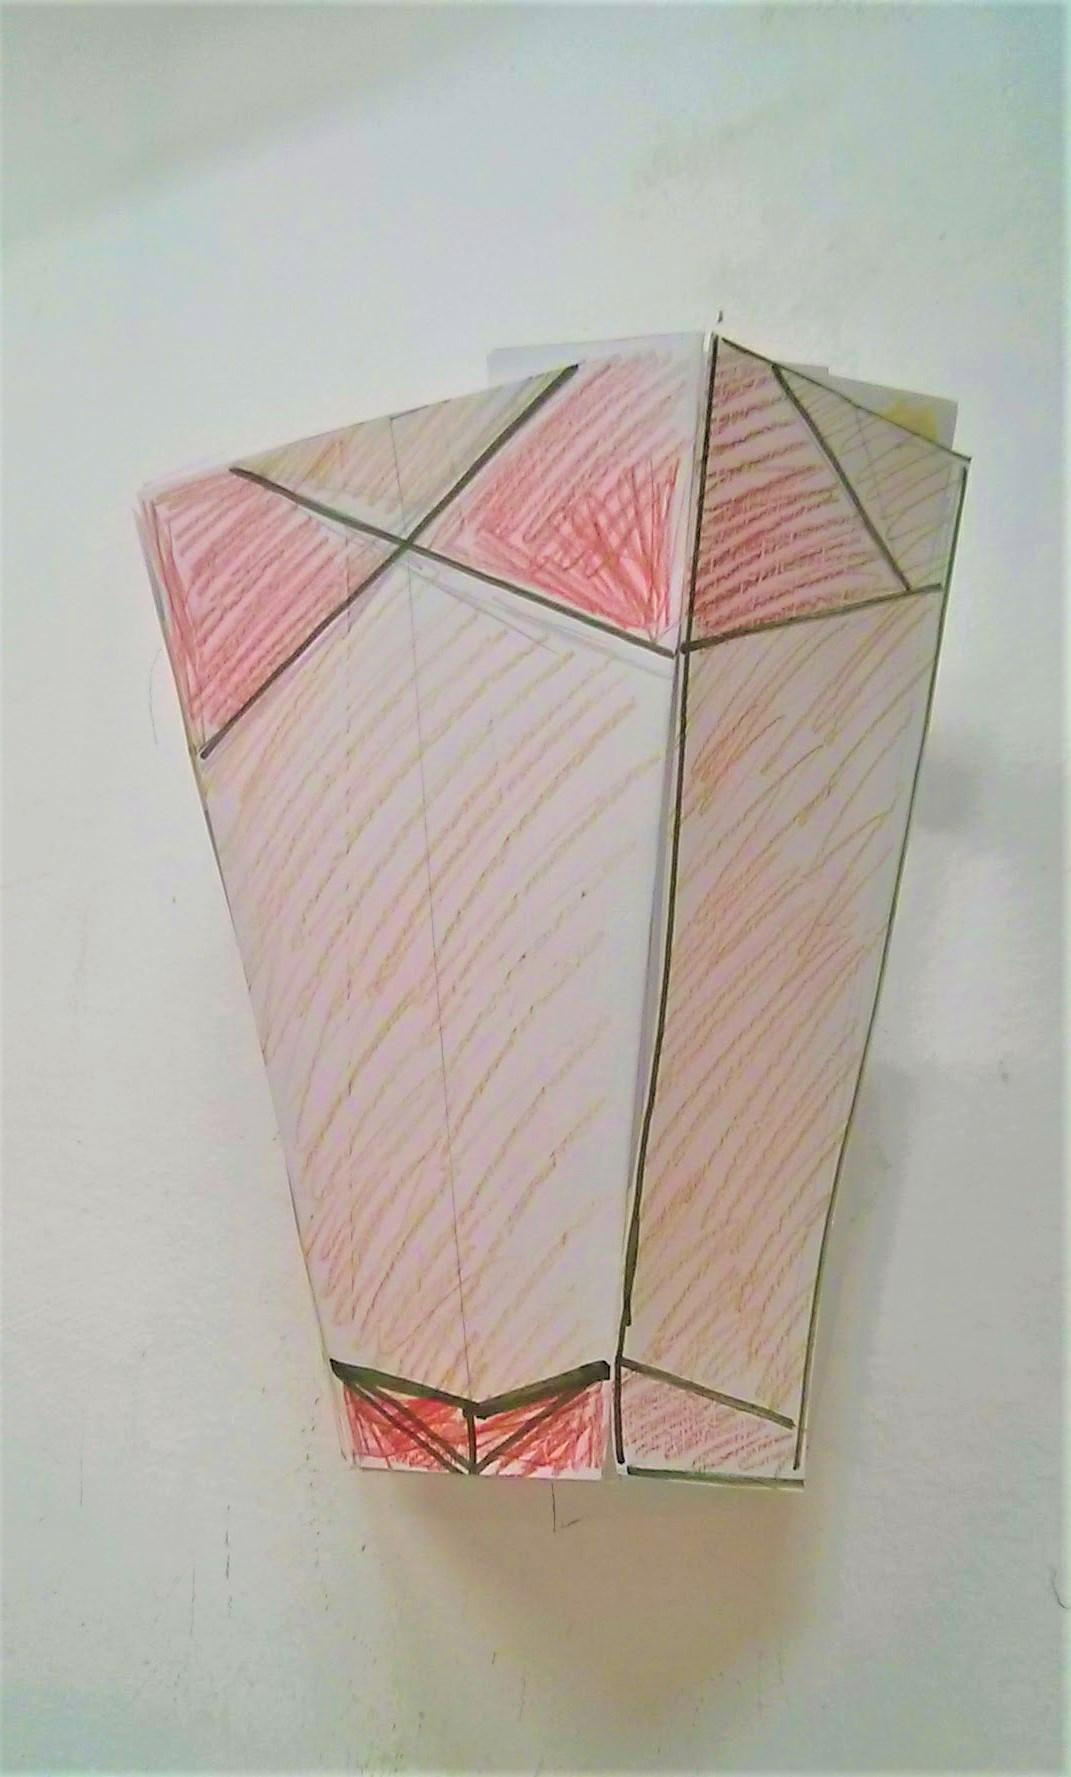 מודל למנורת קיר טיפאני גאומטרי